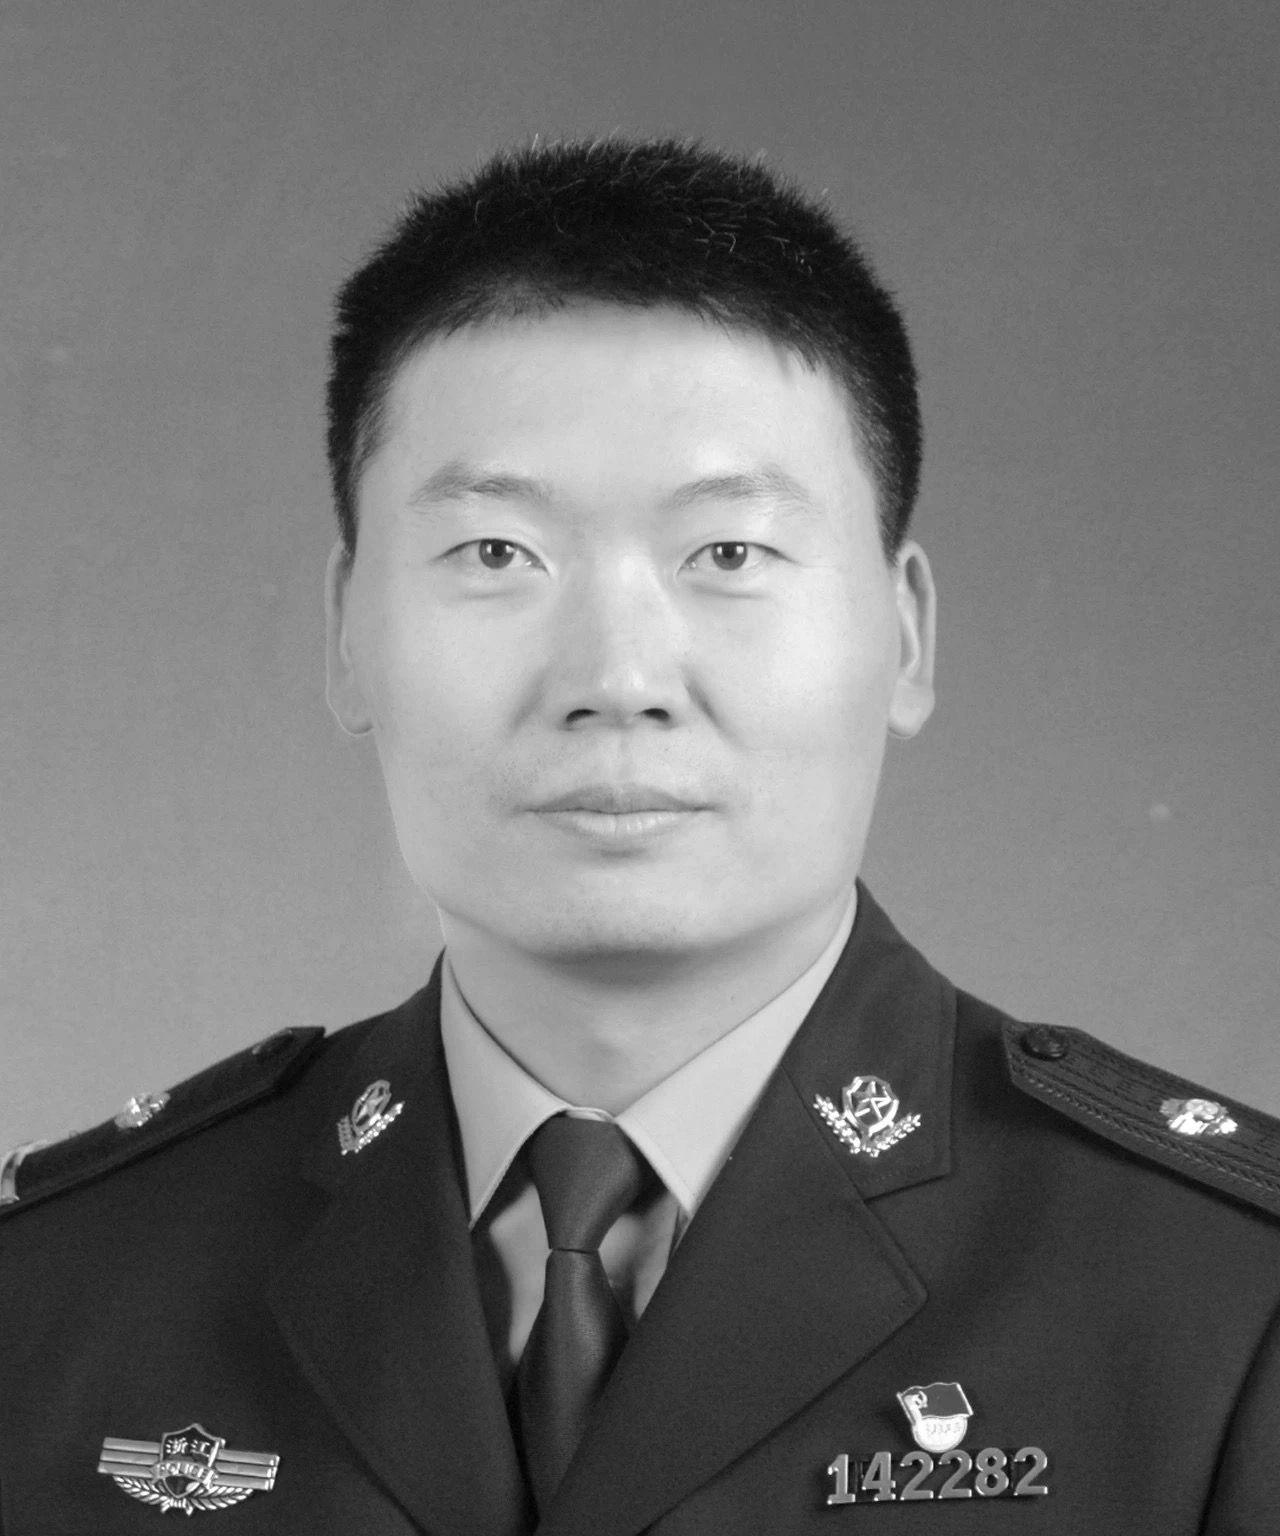 浙江民警遭暴力抗法牺牲 涉事者涉妨害公务被刑拘